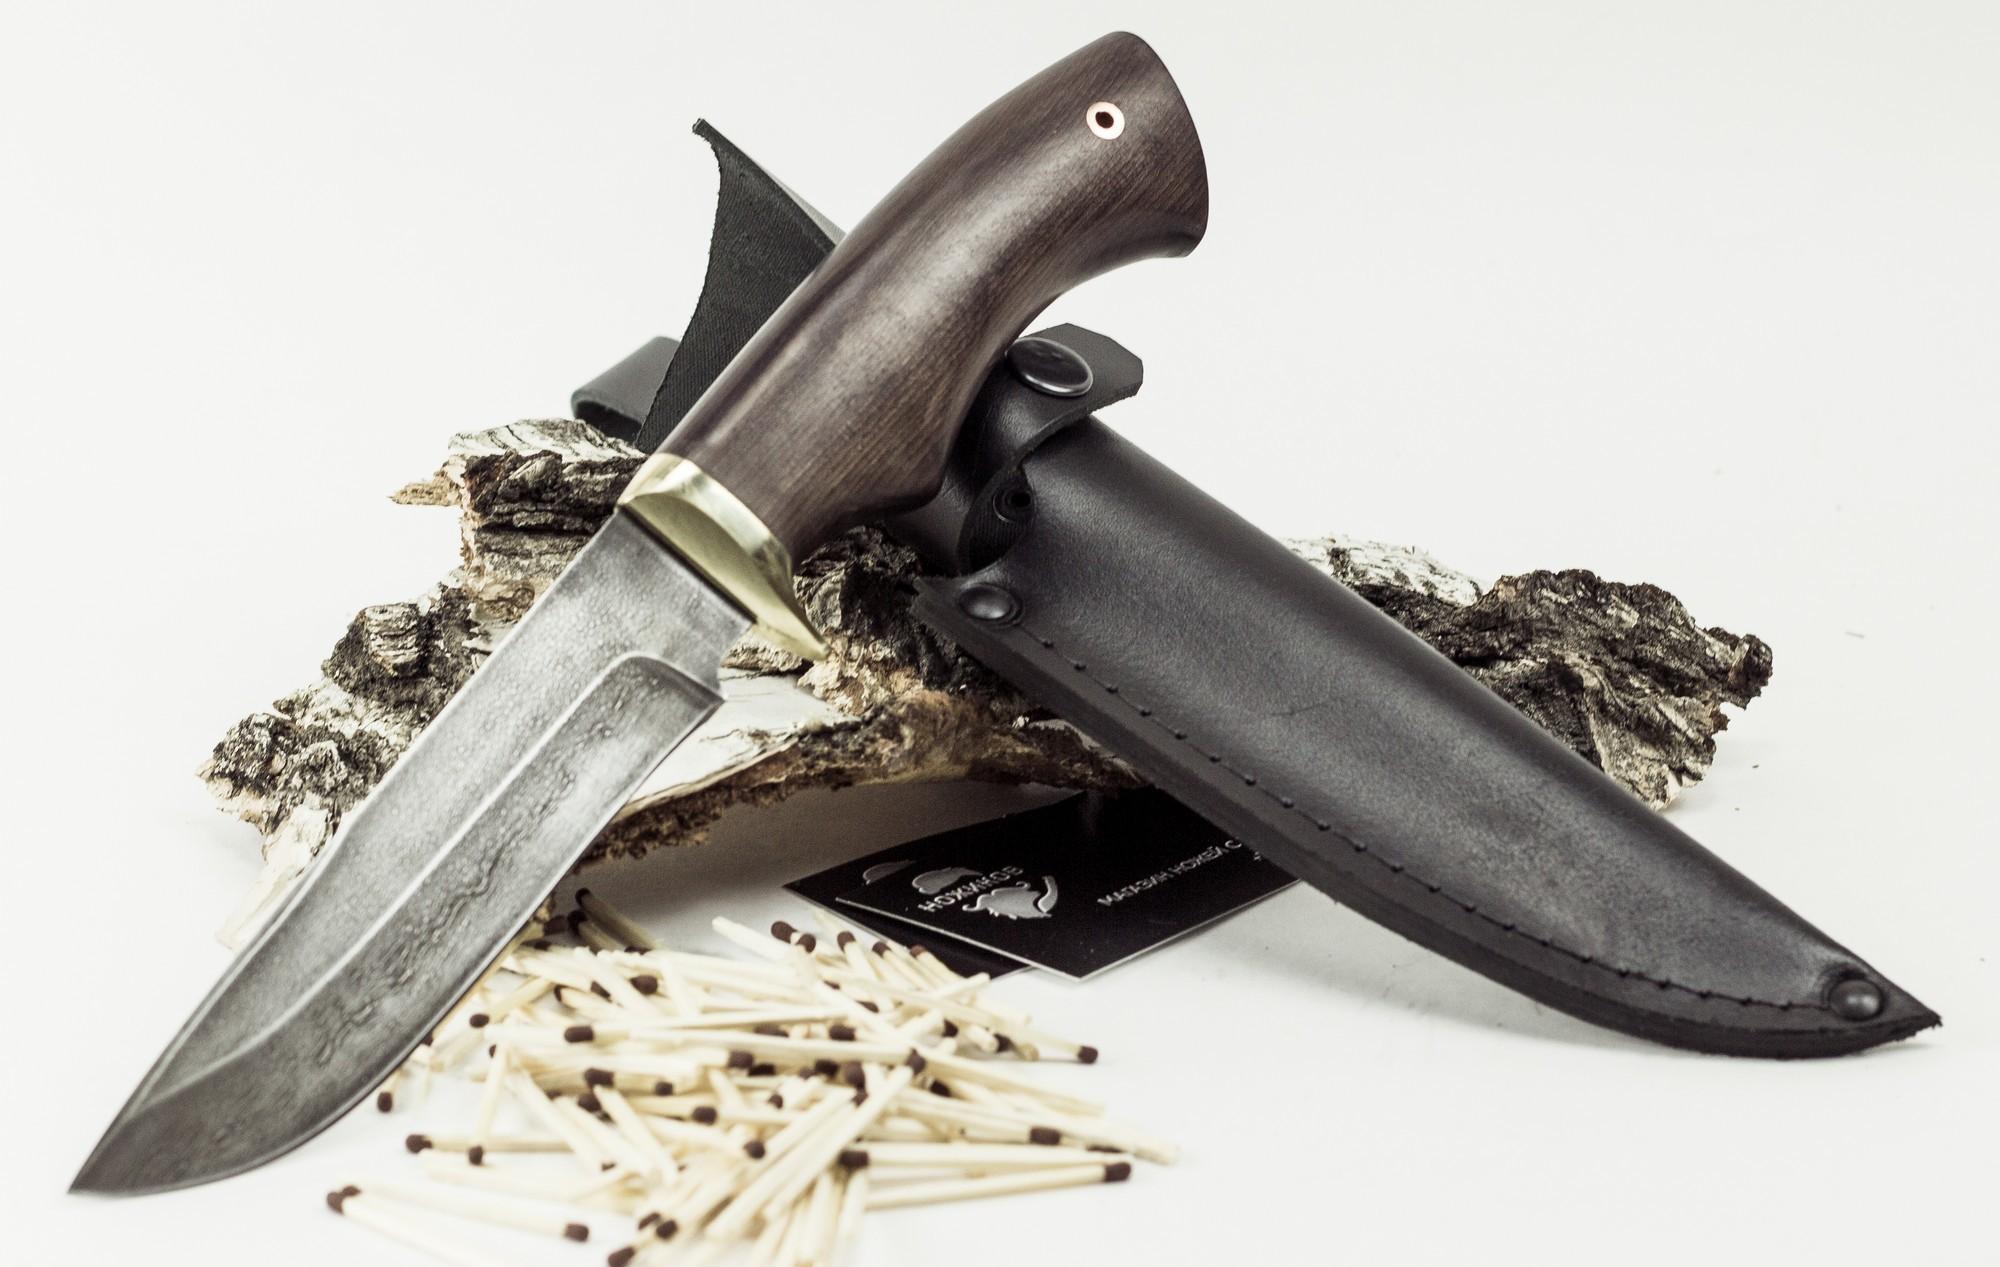 Фото 16 - Нож Викинг-2, ХВ5 от Промтехснаб